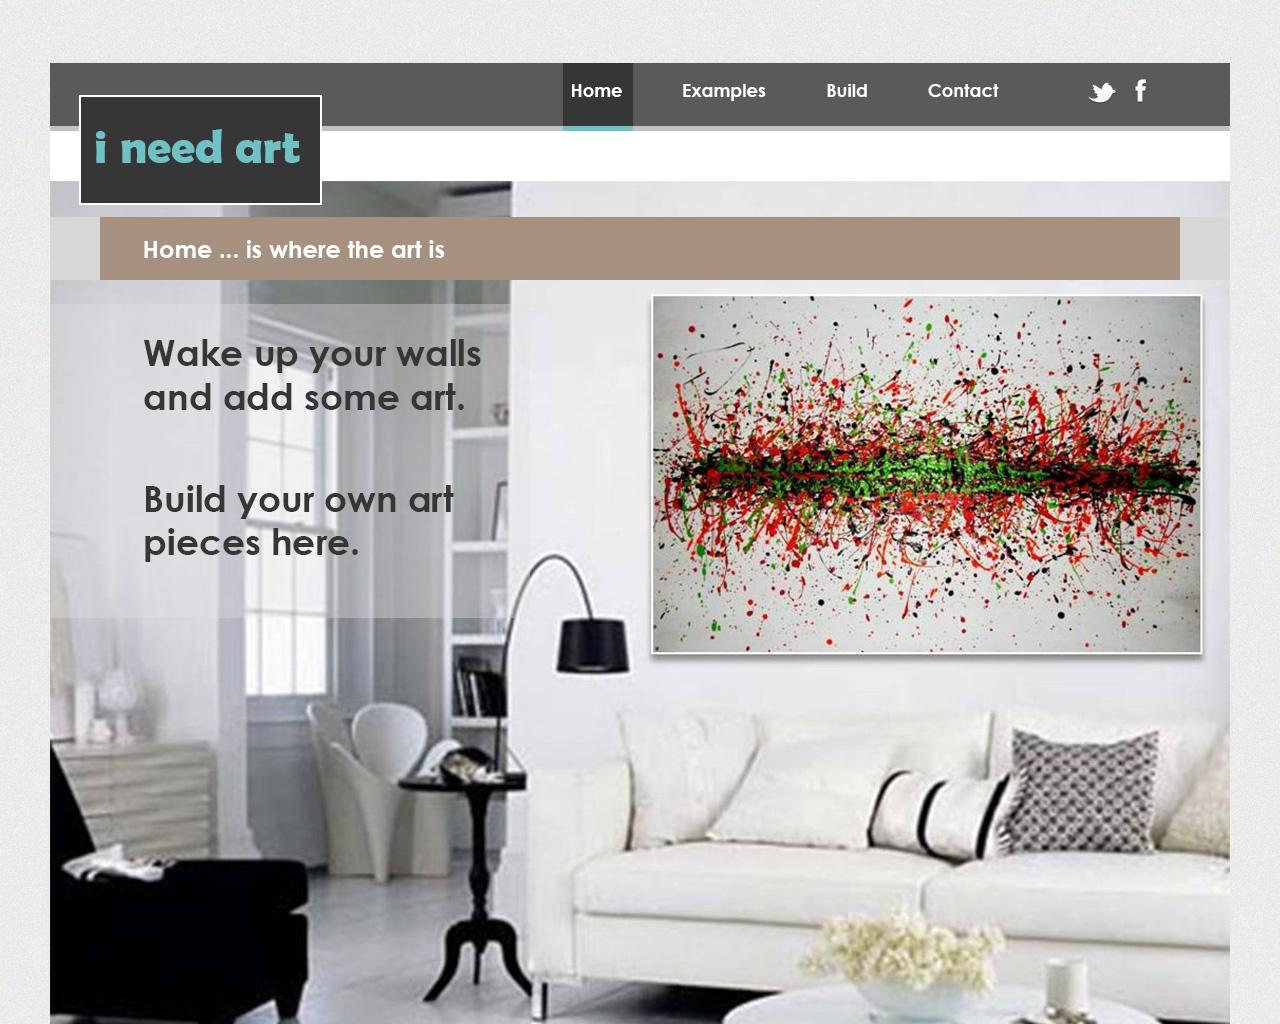 web design for custom art website